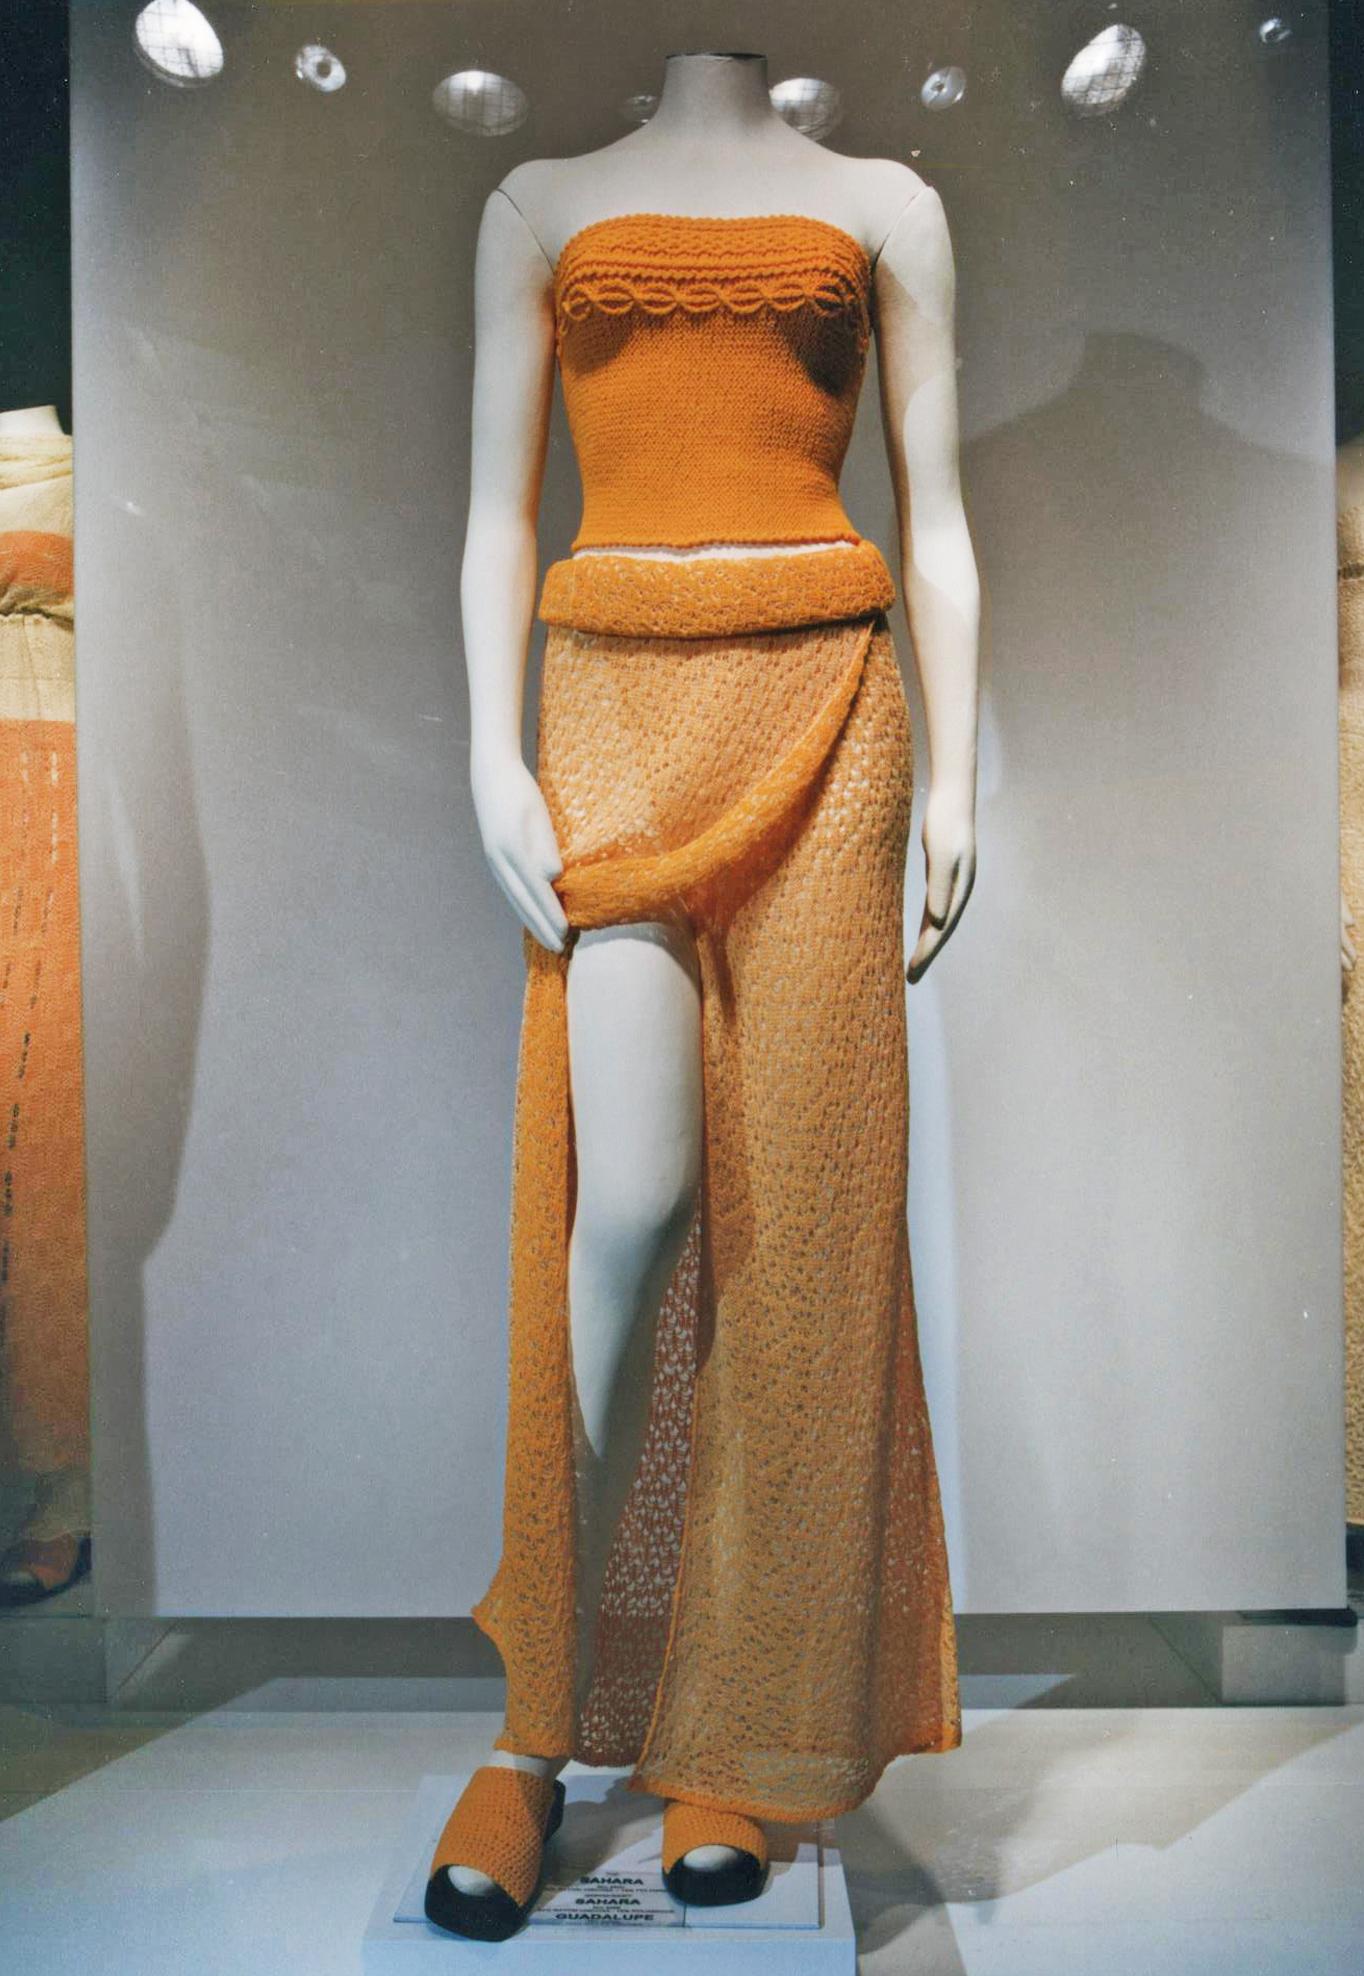 Giuliano&GiusyMarelli_Collezione-SS-2000_Romantic-Sporty-Life_4_Made-in-Italy_Maglieria_Maglia_Knit.jpg